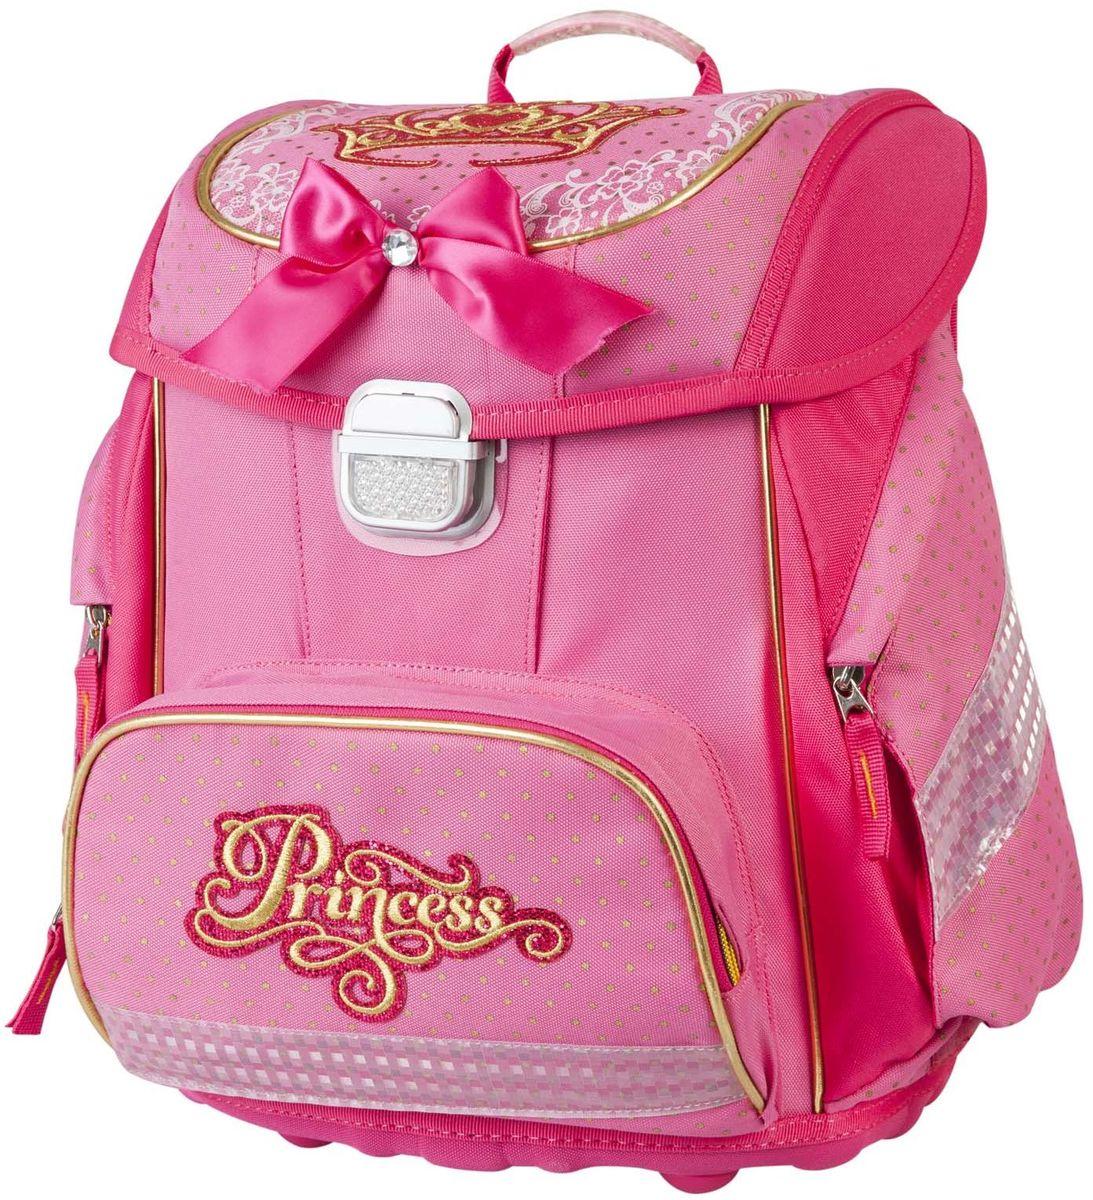 Target Collection Ранец школьный Принцесса 1790617906Детский рюкзак бренда «Target Collection» имеет яркий рисунок и изготовлен из современных, прочных материалов. Техническими особенностями рюкзака (портфелей) «Target Collection» является система «Flexiball» (поясничная поддержка), которая оптимально адаптирована для ребенка. Ведь самое главное, чтобы ребенок имел правильную осанку во время переноски портфеля. Система «Flexiball» является новшеством в промышленности, она правильно распределяет вес мешка, автоматически подстраивается под ребенка и поэтому обеспечивает идеальное положение для поясничной поддержки. Во время прогулки, система «Flexiball» движется вместе с ребенком, за счет гибкого материала уменьшает нагрузку при ходьбе. Портфель имеет форму куба, пригодную для учащихся начальных классов. Плечевые лямки можно отрегулировать для каждого ребенка индивидуально, поэтому получается что он «растет» вместе с ребенком. Лямки содержат вентиляционные отверстия и тем самым имеют возможность дышать. Они дополнительно оснащены ЭКО-пеной, которая делает ношение портфеля более комфортным для ребёнка.